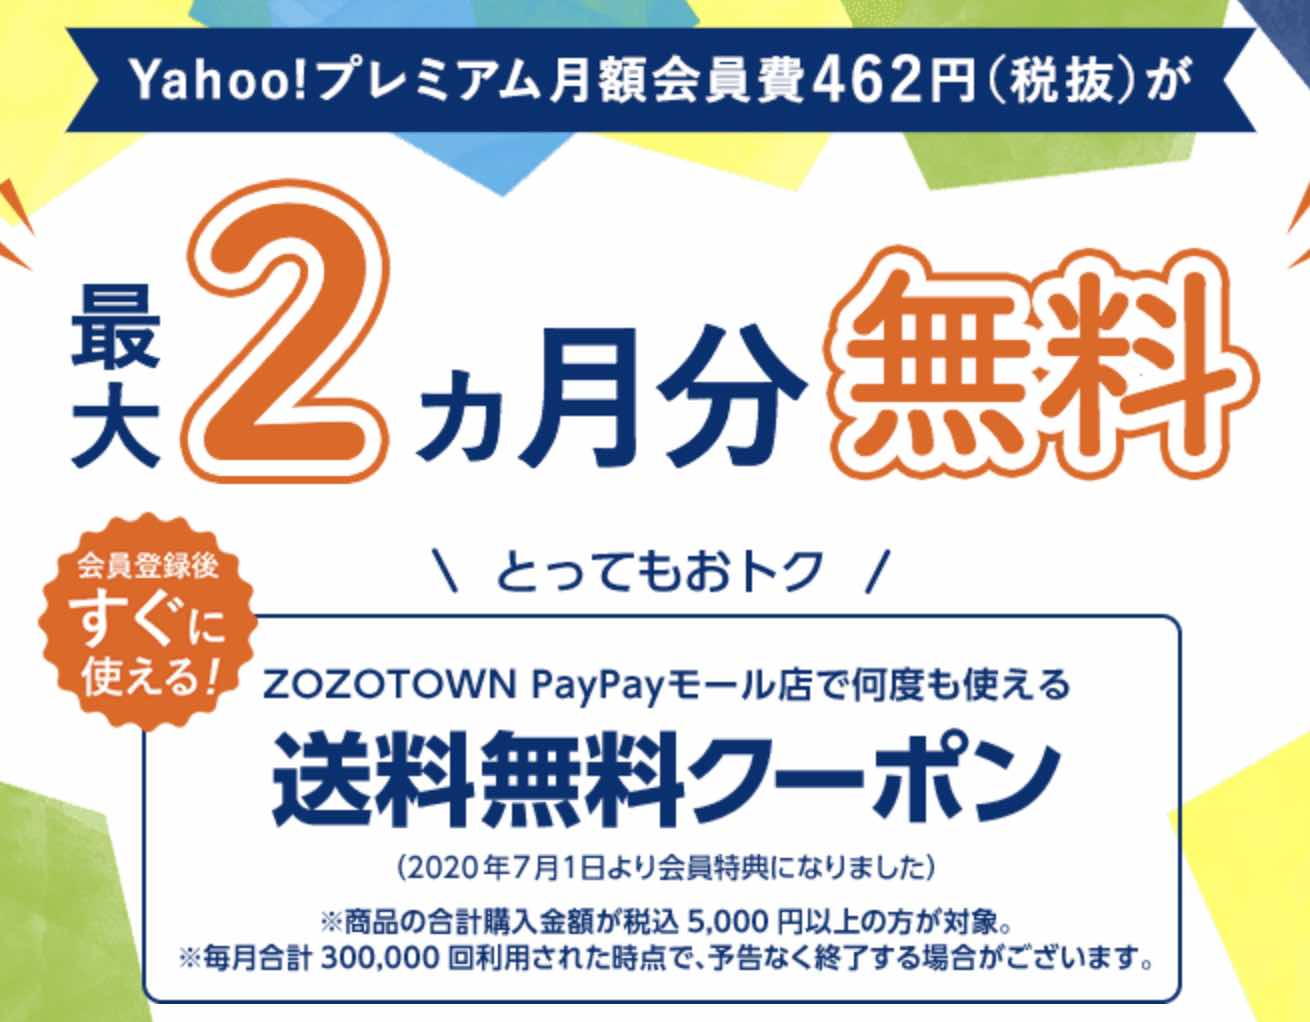 Yahoo!プレミアム会員画像